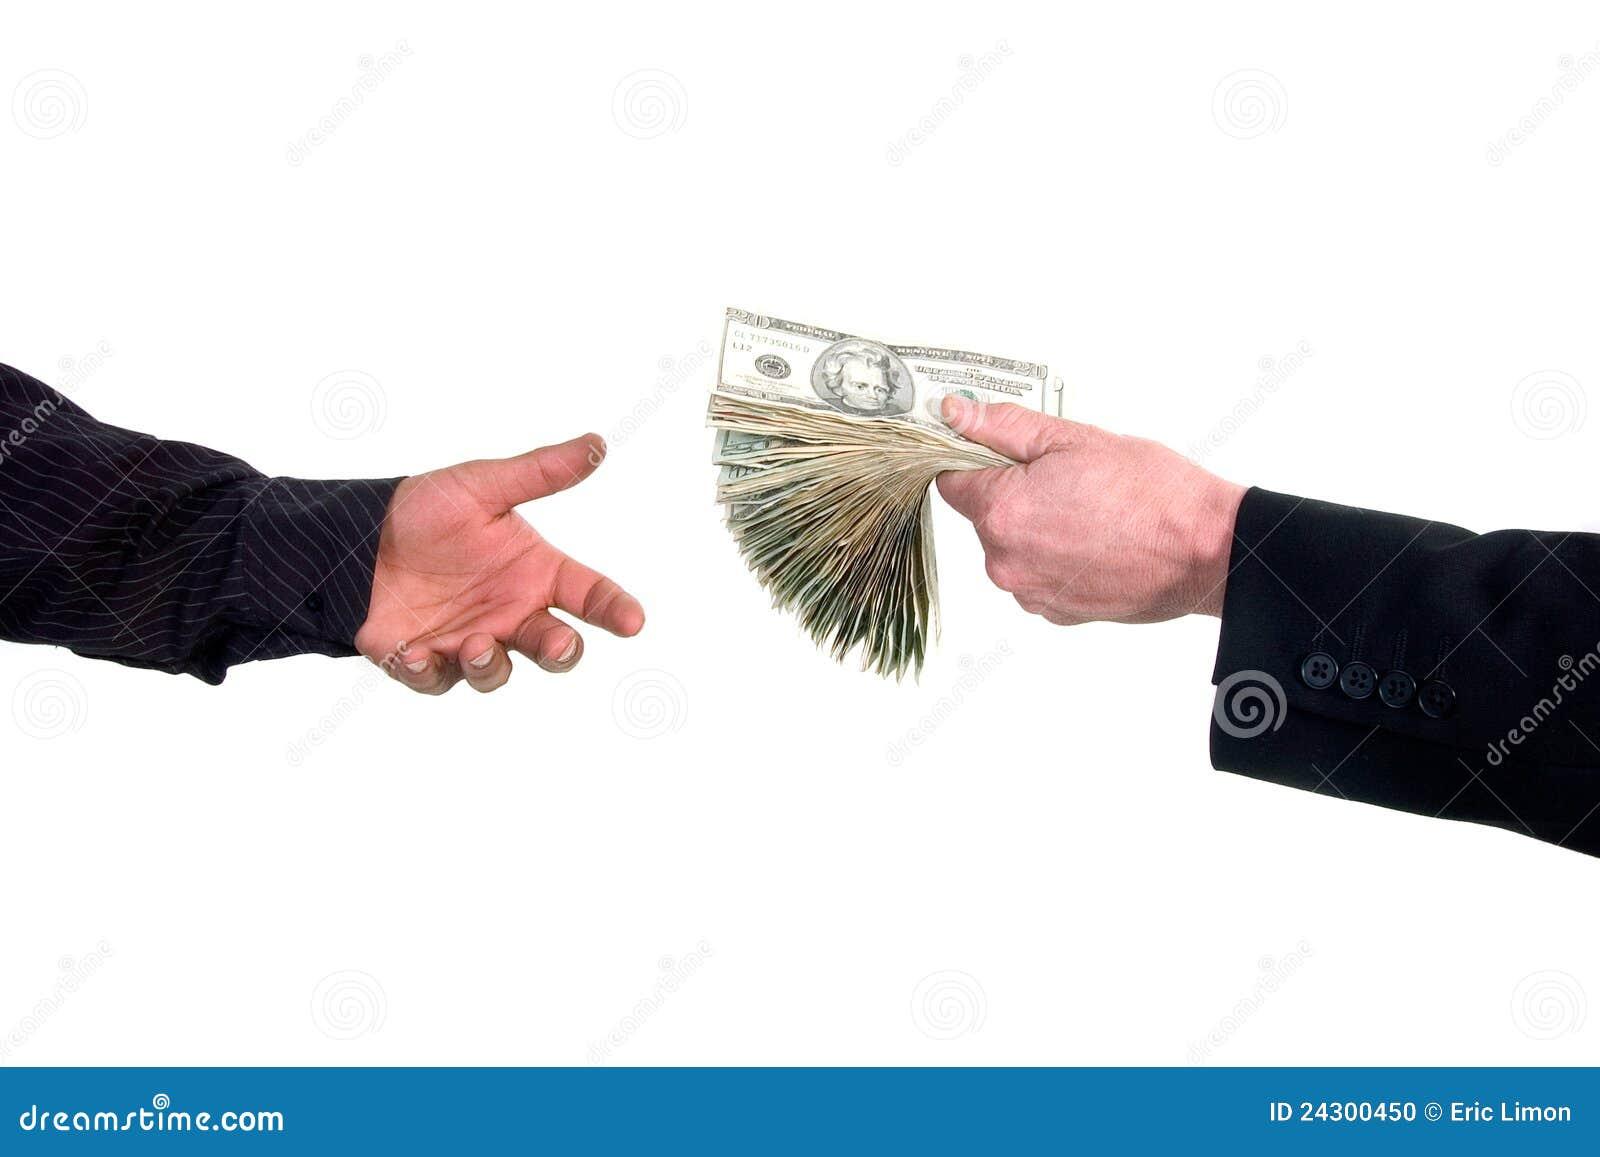 Lånat ut pengar till privatperson